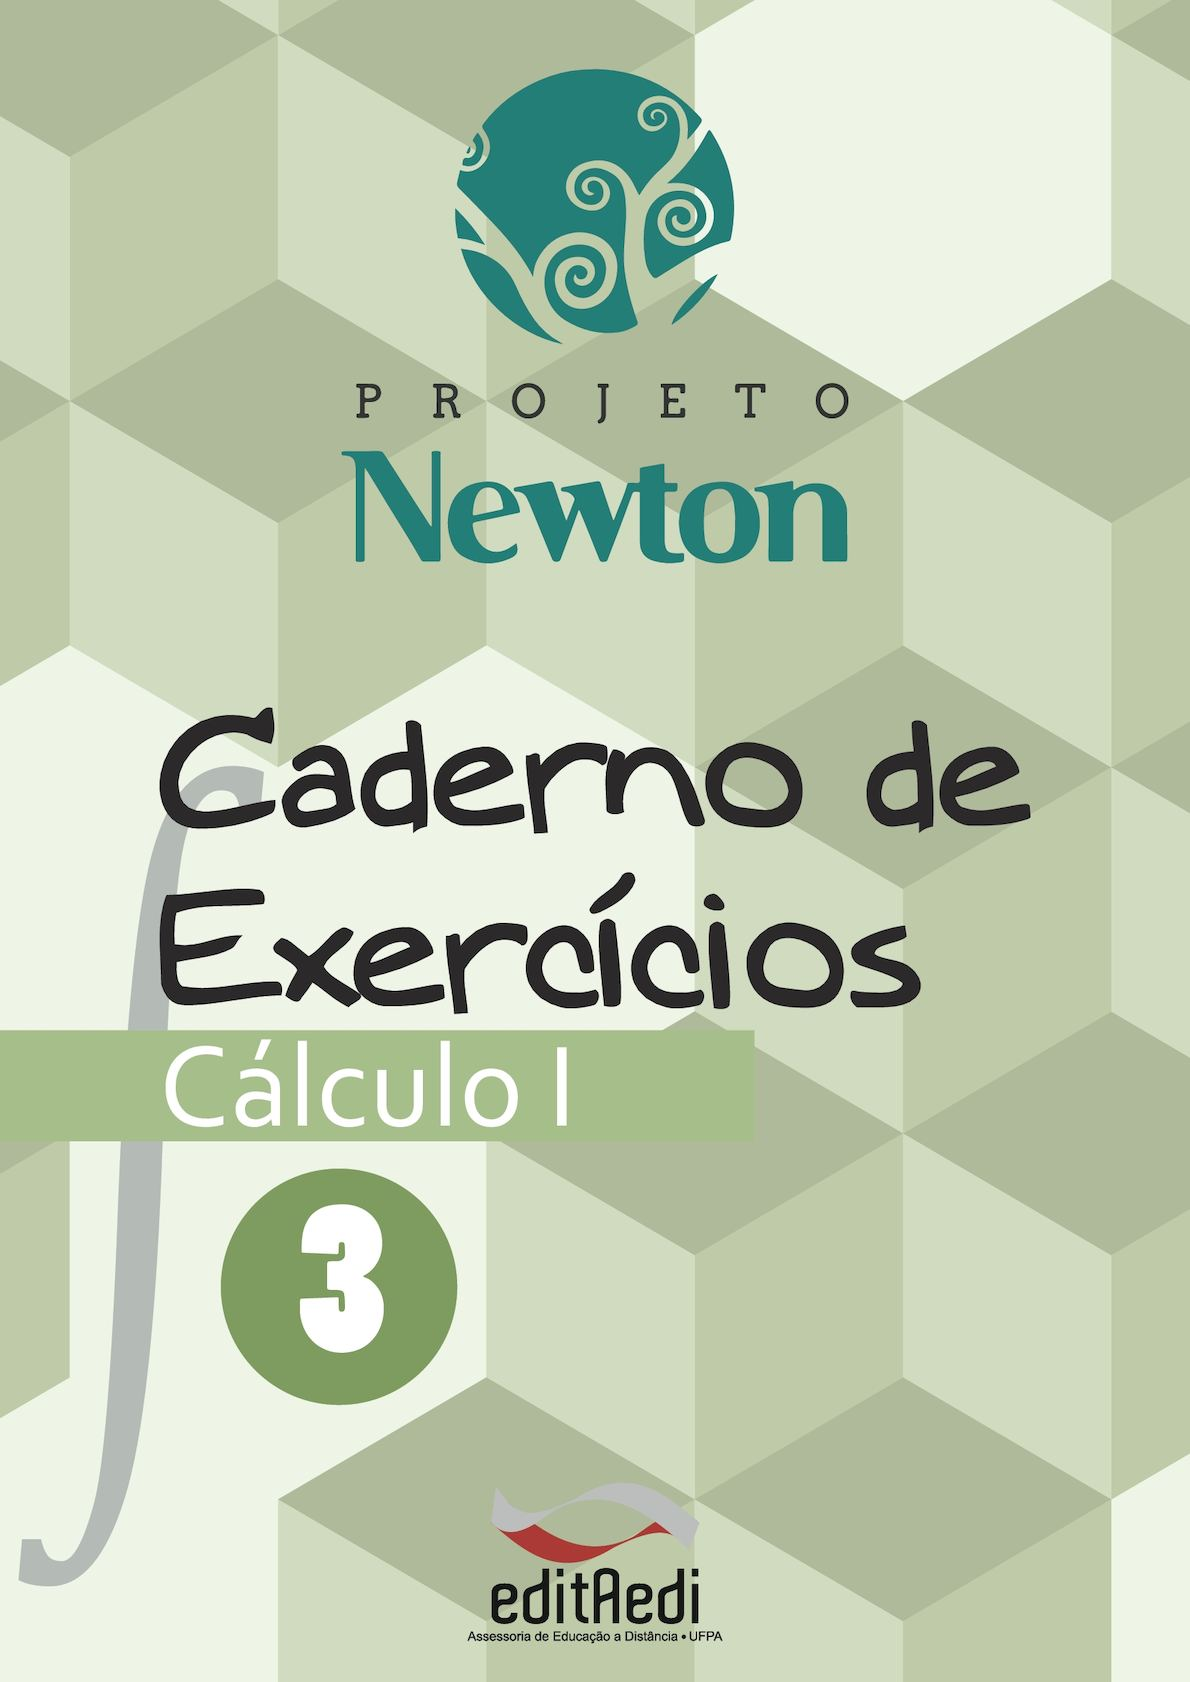 Caderno C1 Projeto Newton FEV2017